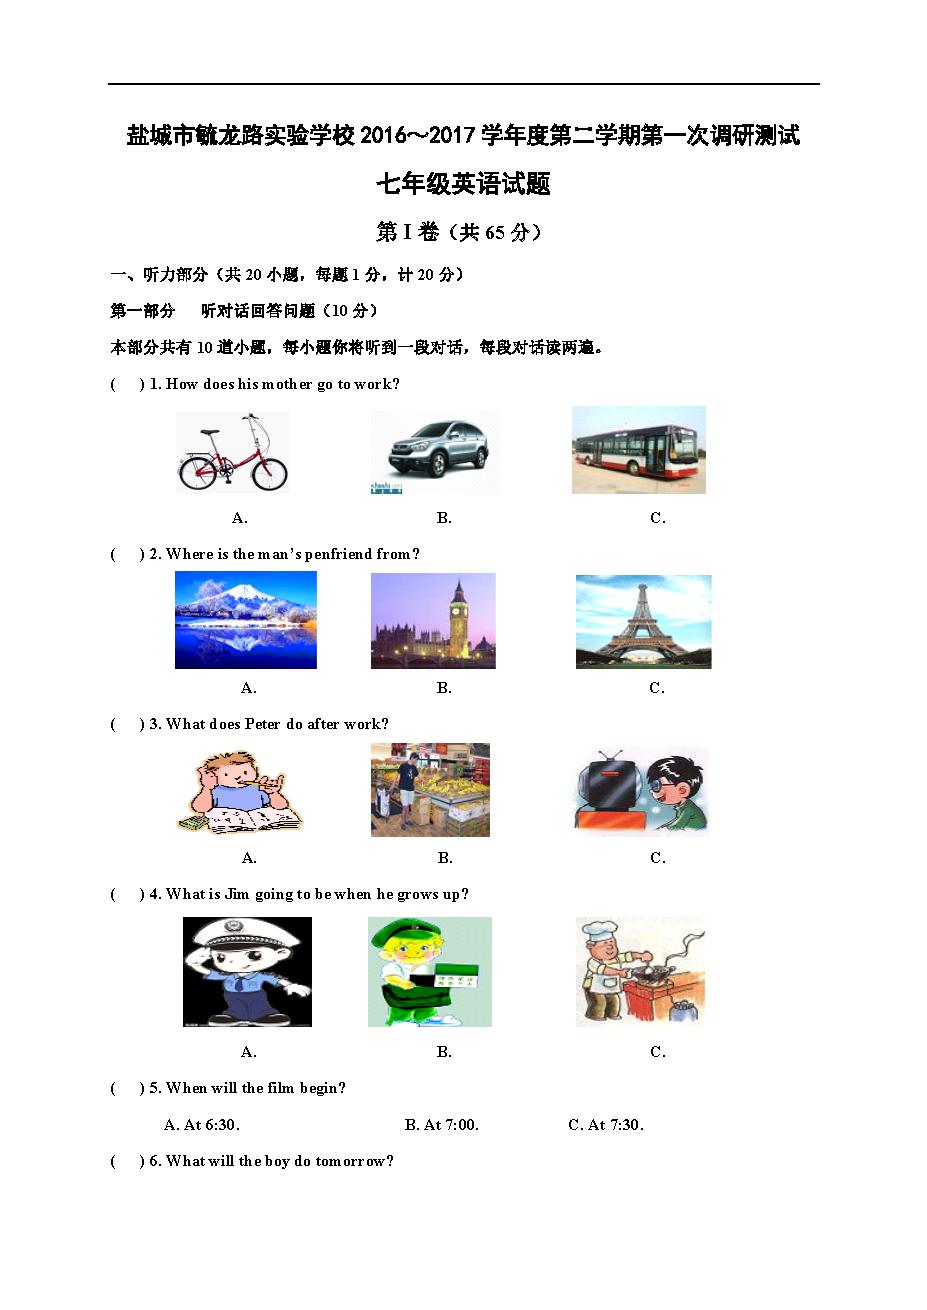 2017年江苏盐城毓龙路实验学校七年级下第一次月考英语试题(图片版)